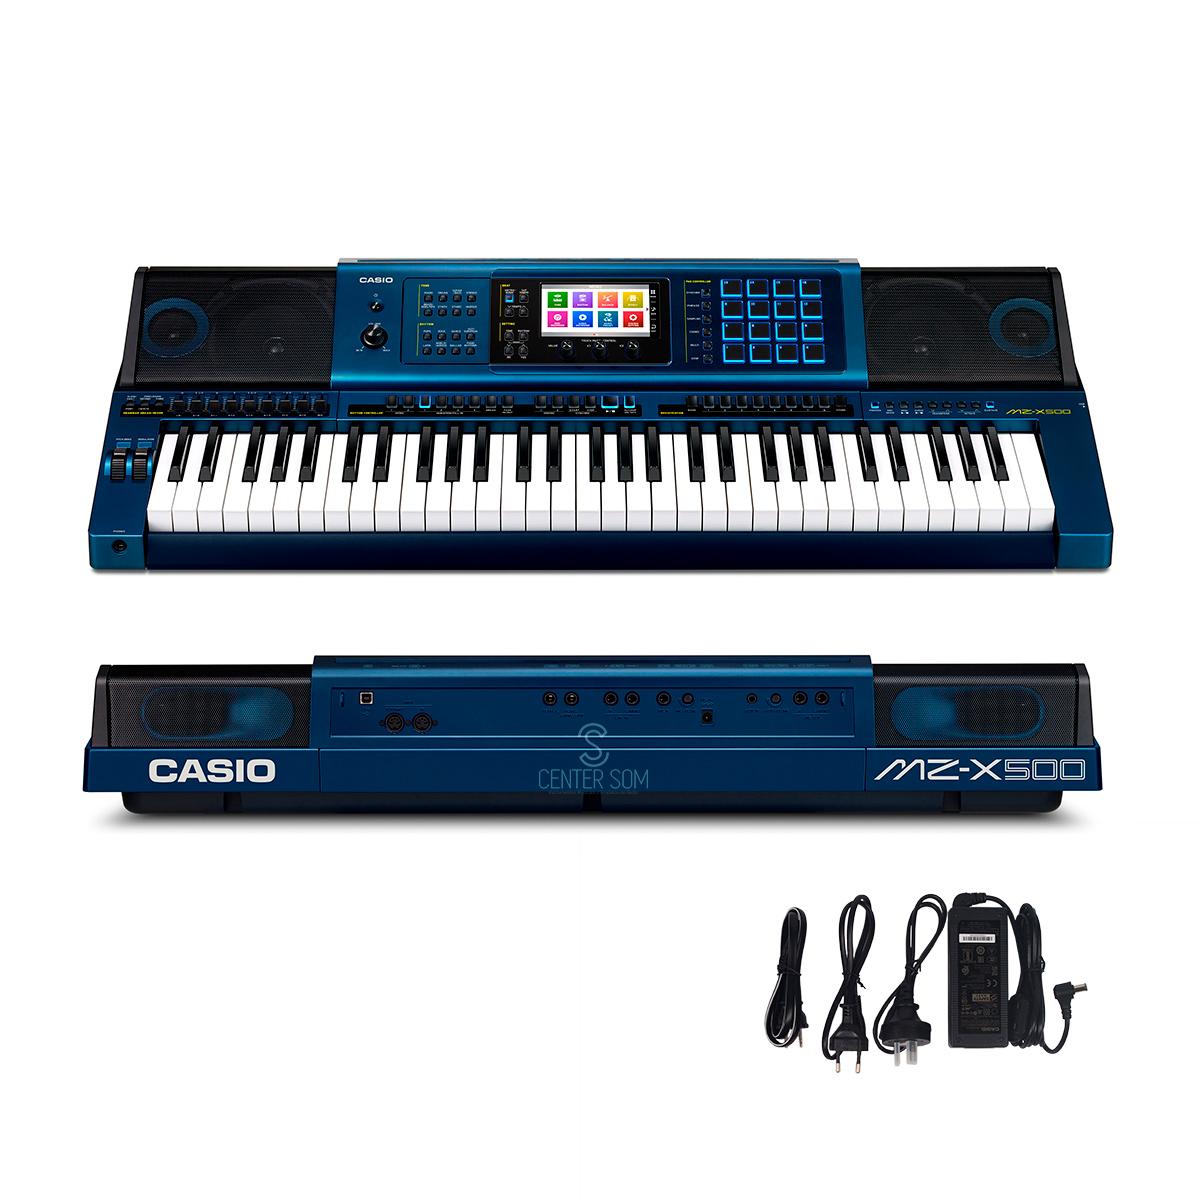 Teclado Arranjador MZ-X500 Casio 61 Teclas Sensitivas - Azul